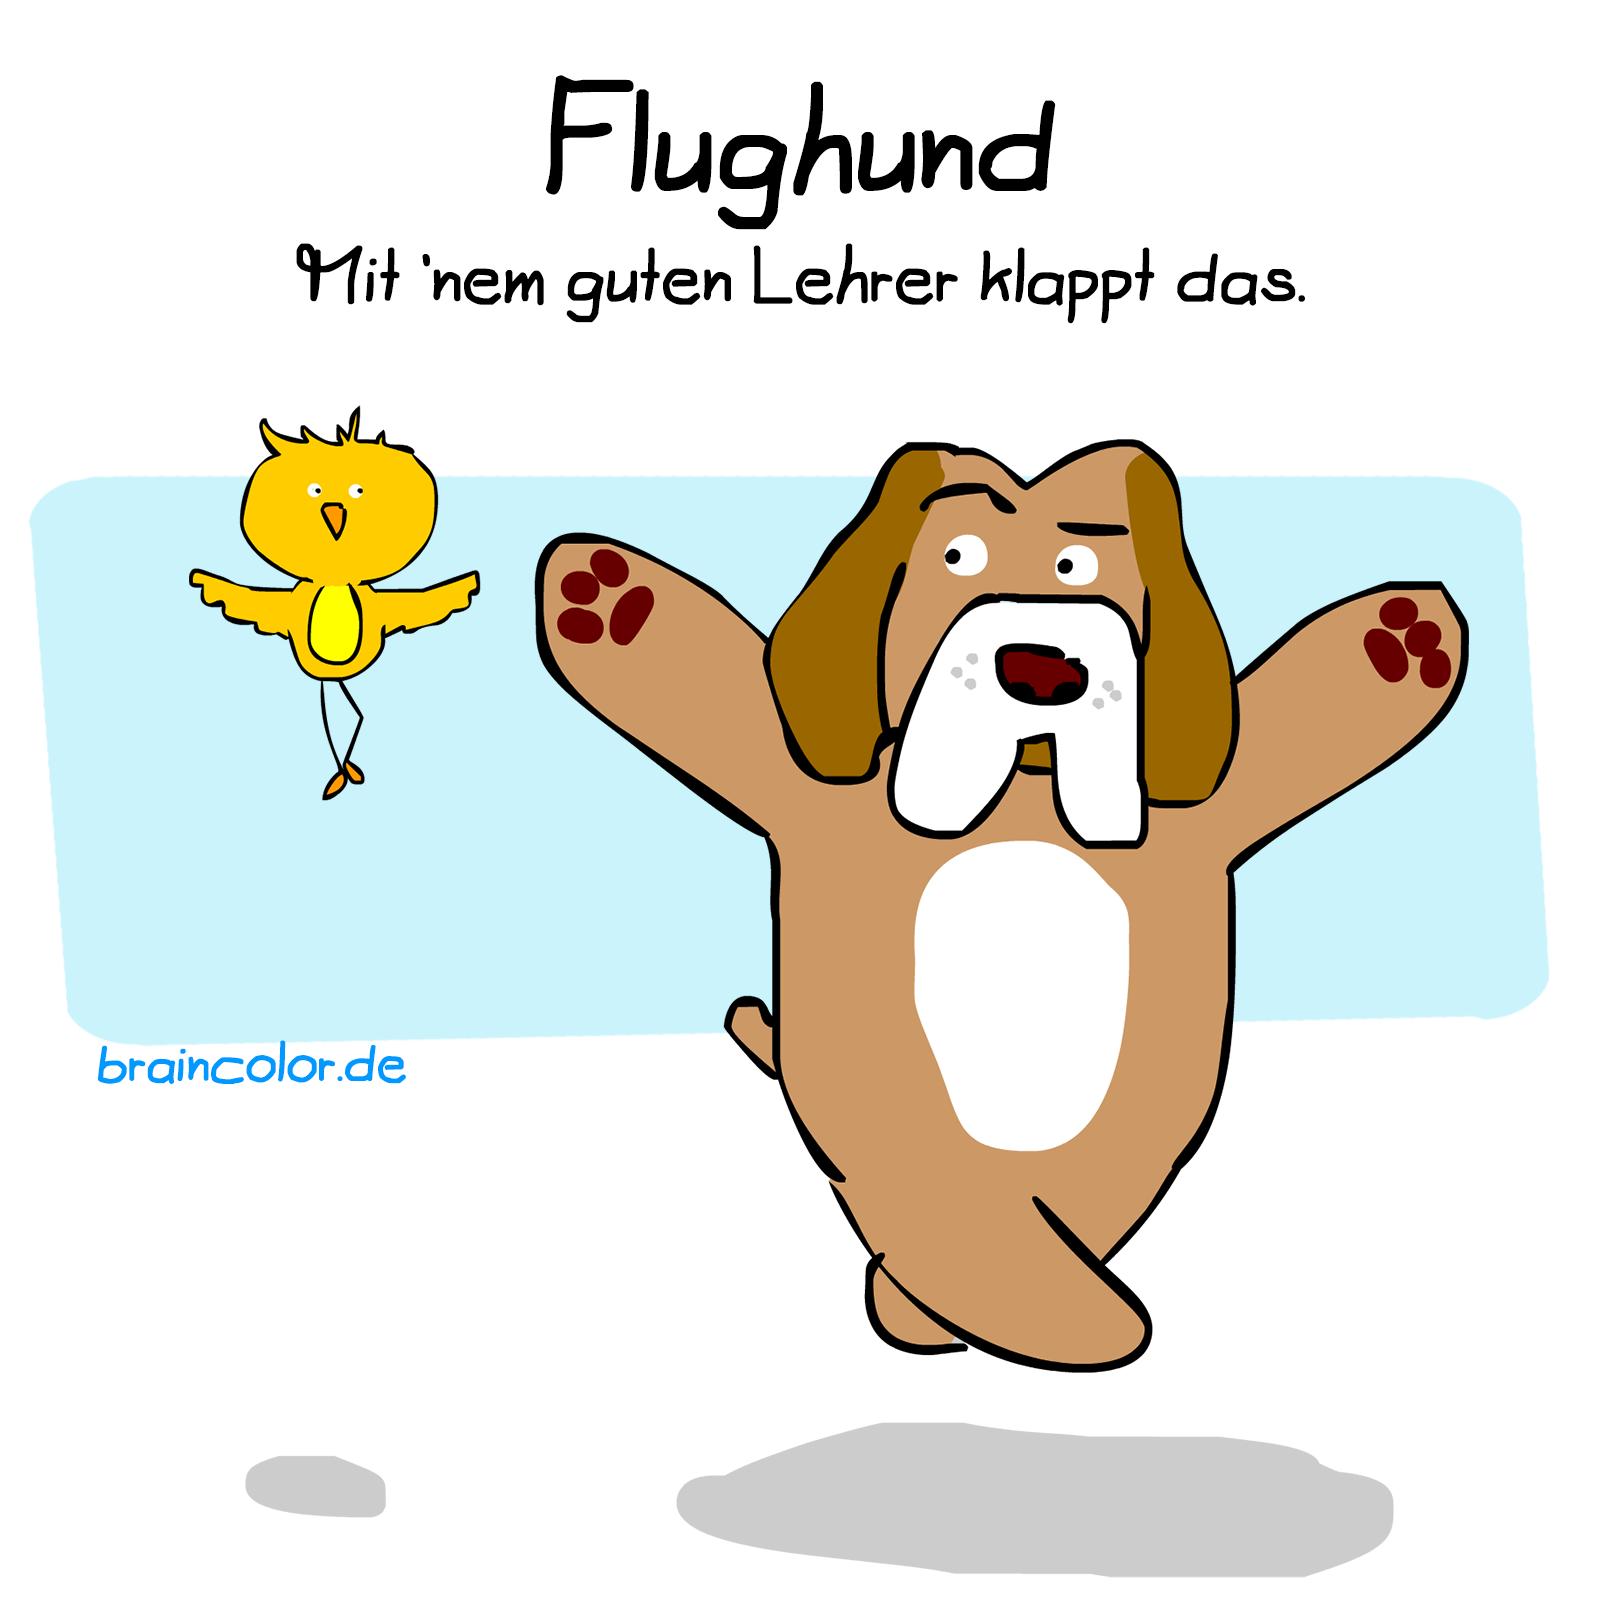 flughund